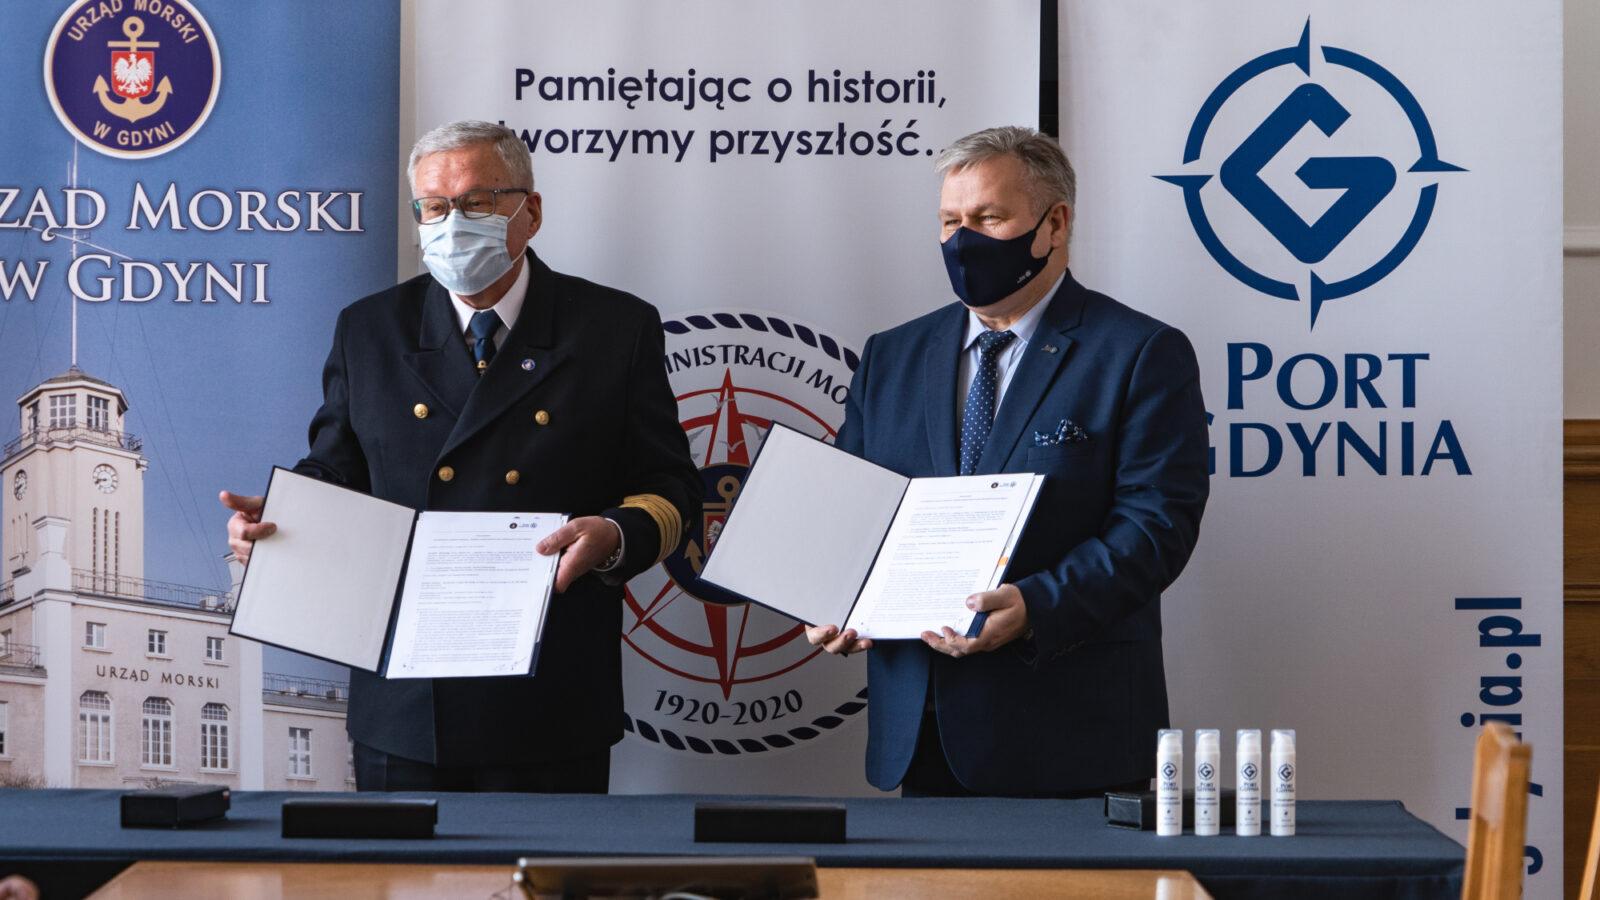 Inwestycje infrastrukturalne kluczem do dalszego rozwoju Portu Gdynia